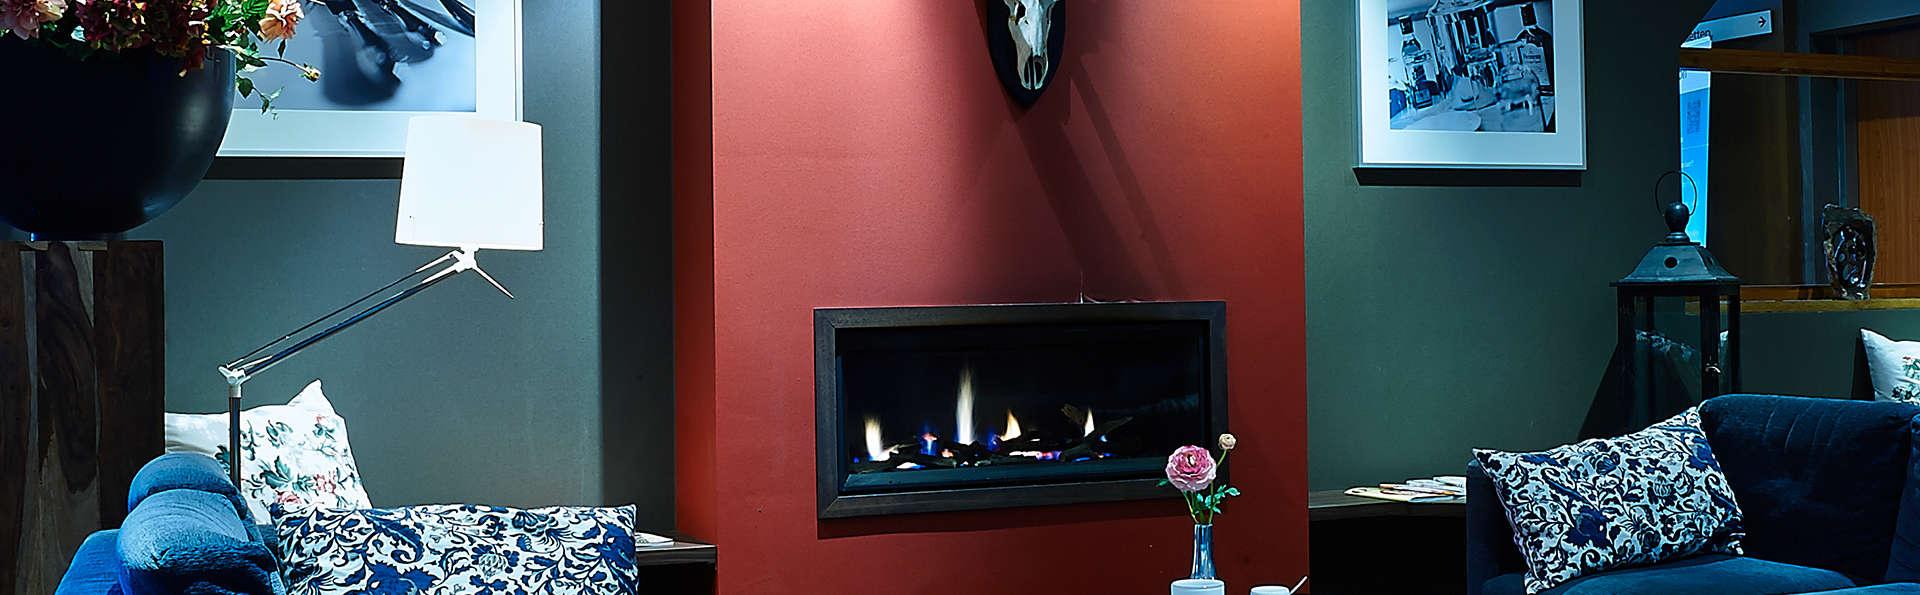 Postillion Hotel Arnhem - edit_new_bar_chillout.jpg